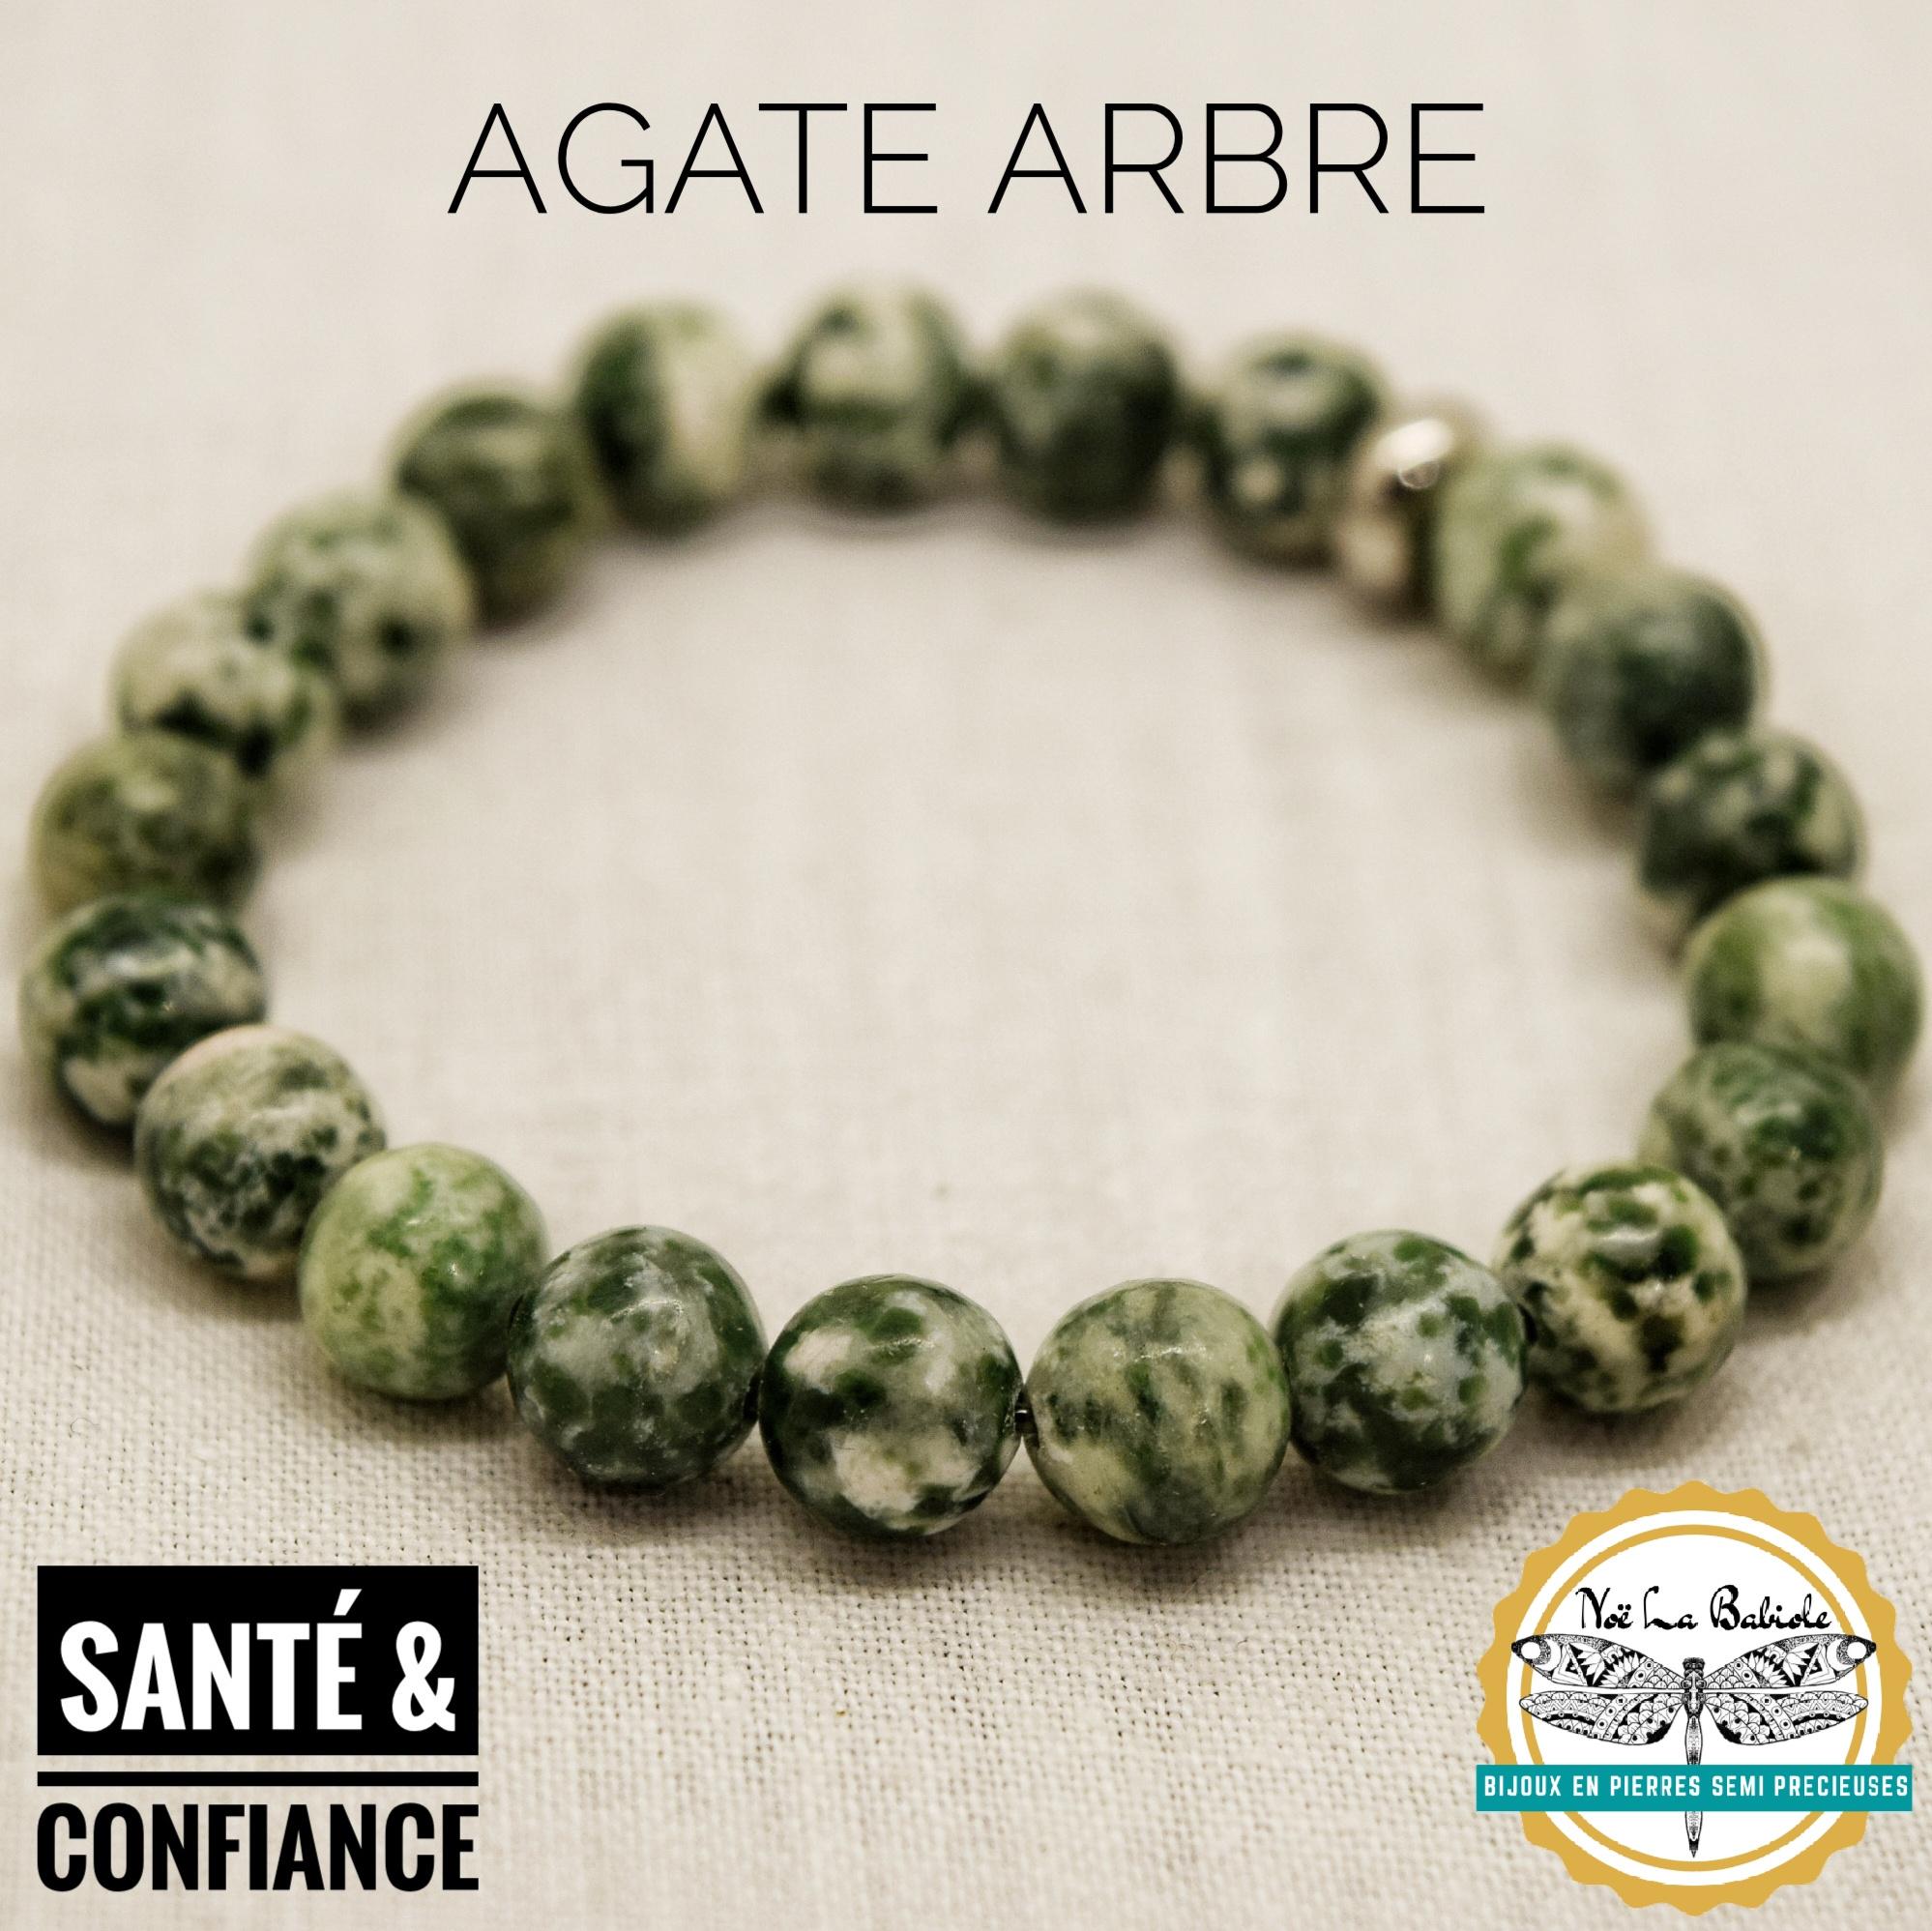 Bracelet Confiance & Santé en Agate arbre